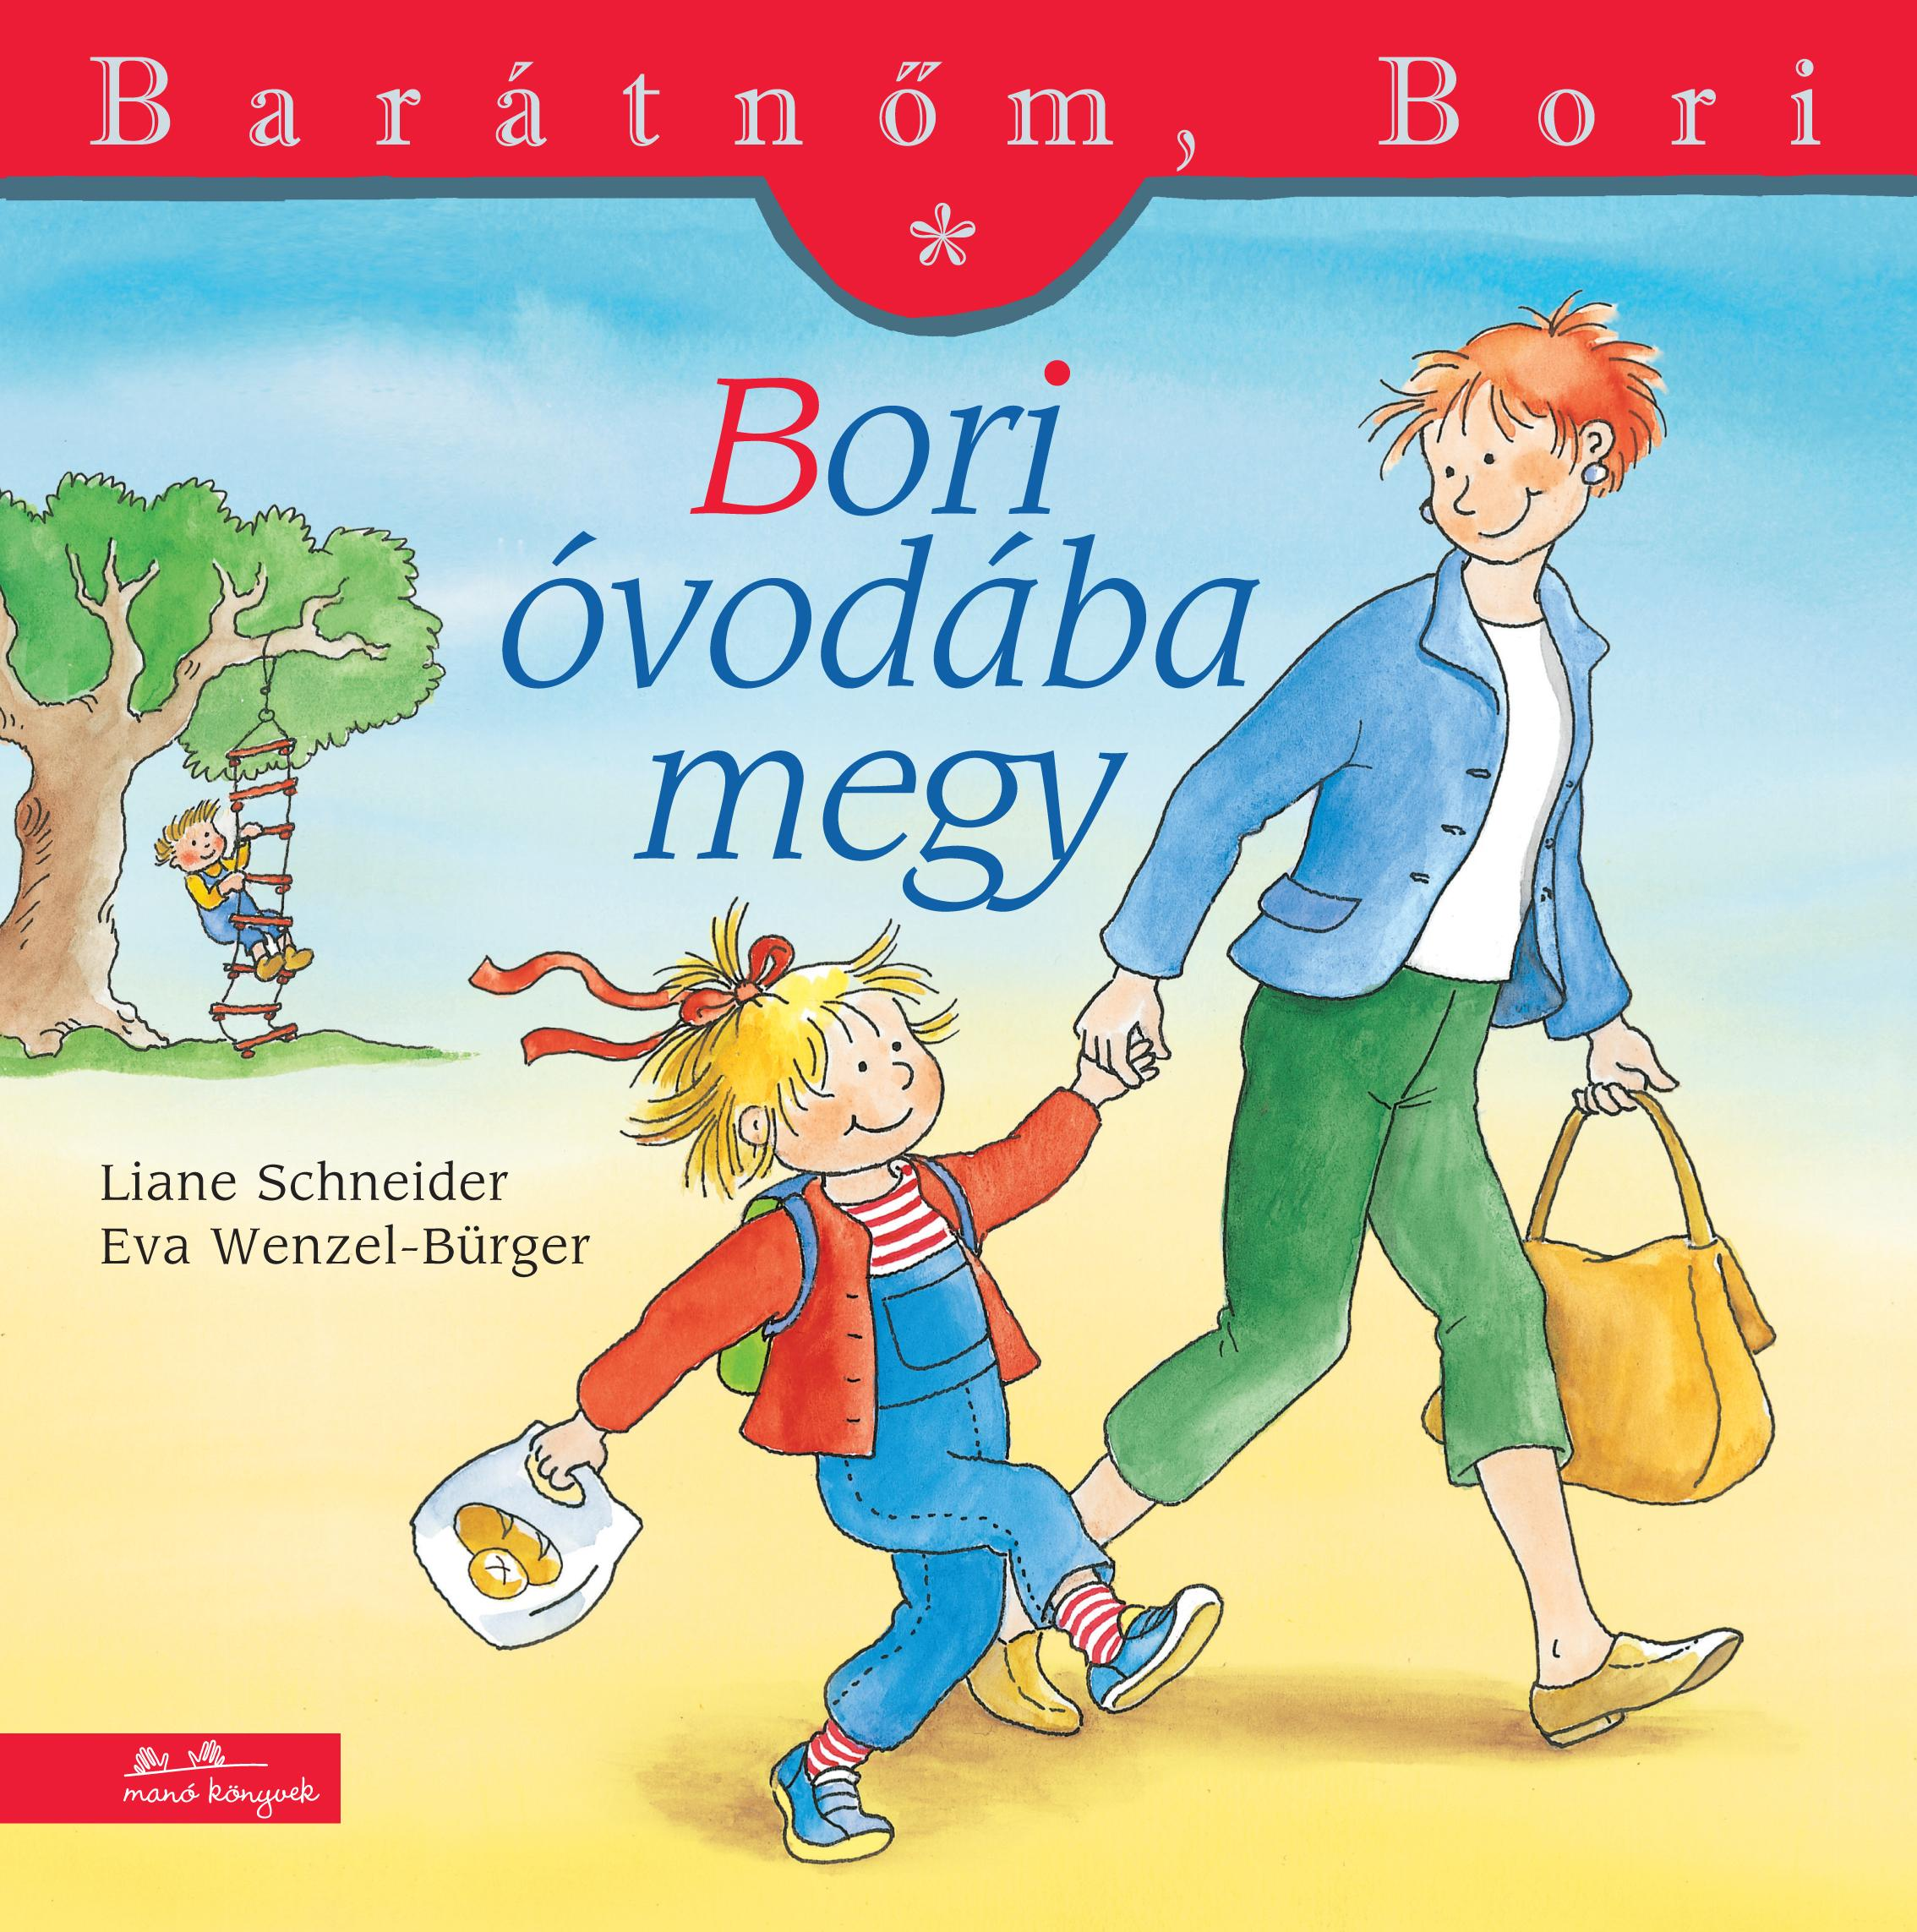 Liane Schneider - Eva Wenzel-Bürger - Bori óvodába megy - Barátnőm, Bori 1.